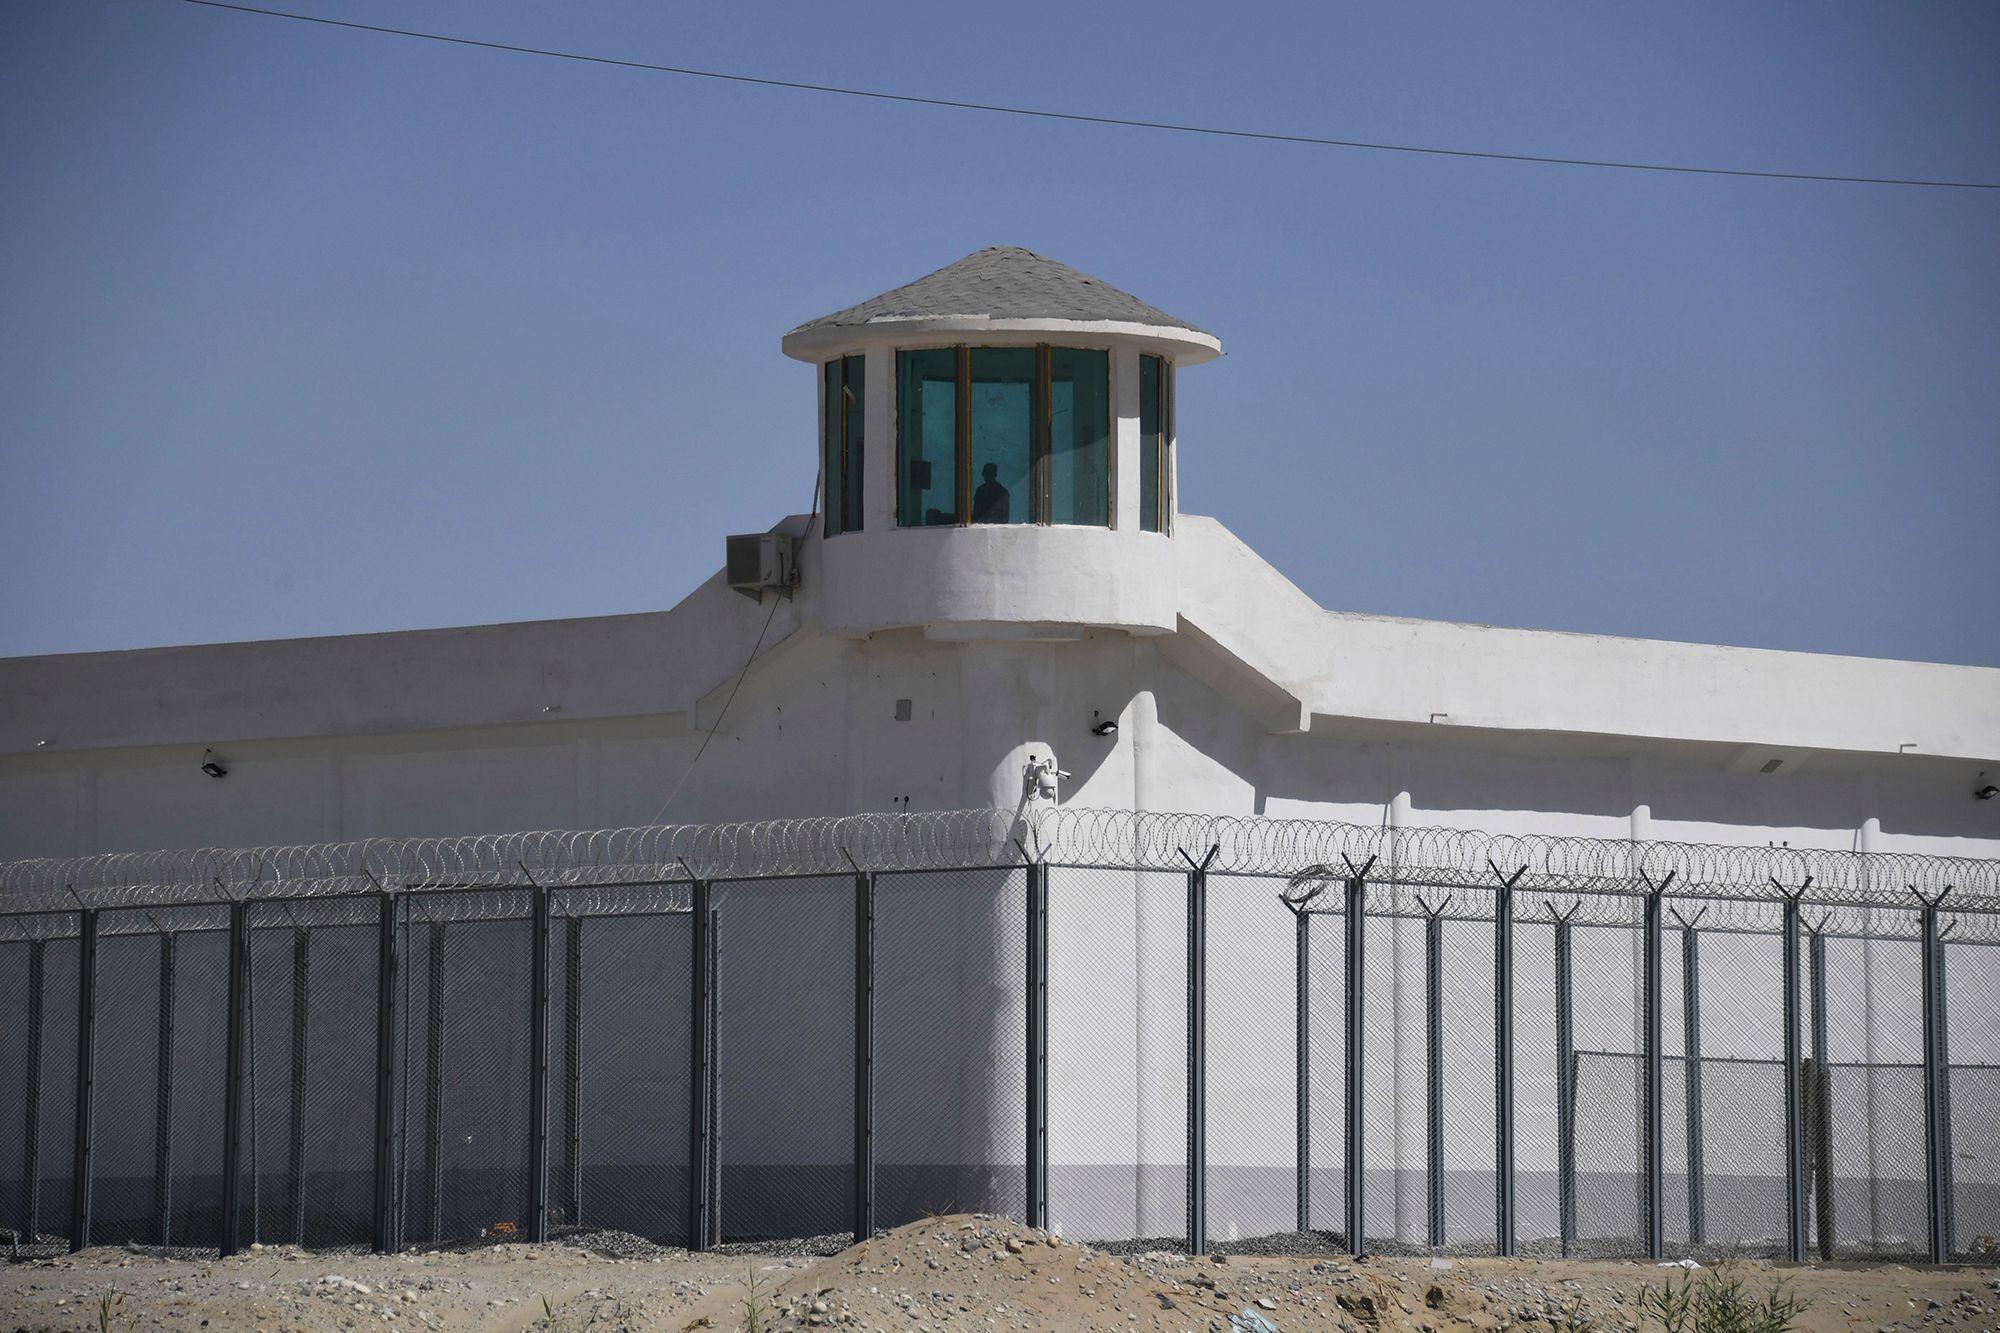 """Le 4 février 2021, le département d'État américain s'est déclaré """"profondément inquiet"""" des """"des témoignages de première main de viols systématiques et d'abus sexuels contre des femmes dans des camps d'internement de Ouïghours et d'autres musulmans au Xinjiang"""". (Source : NYPOST)"""